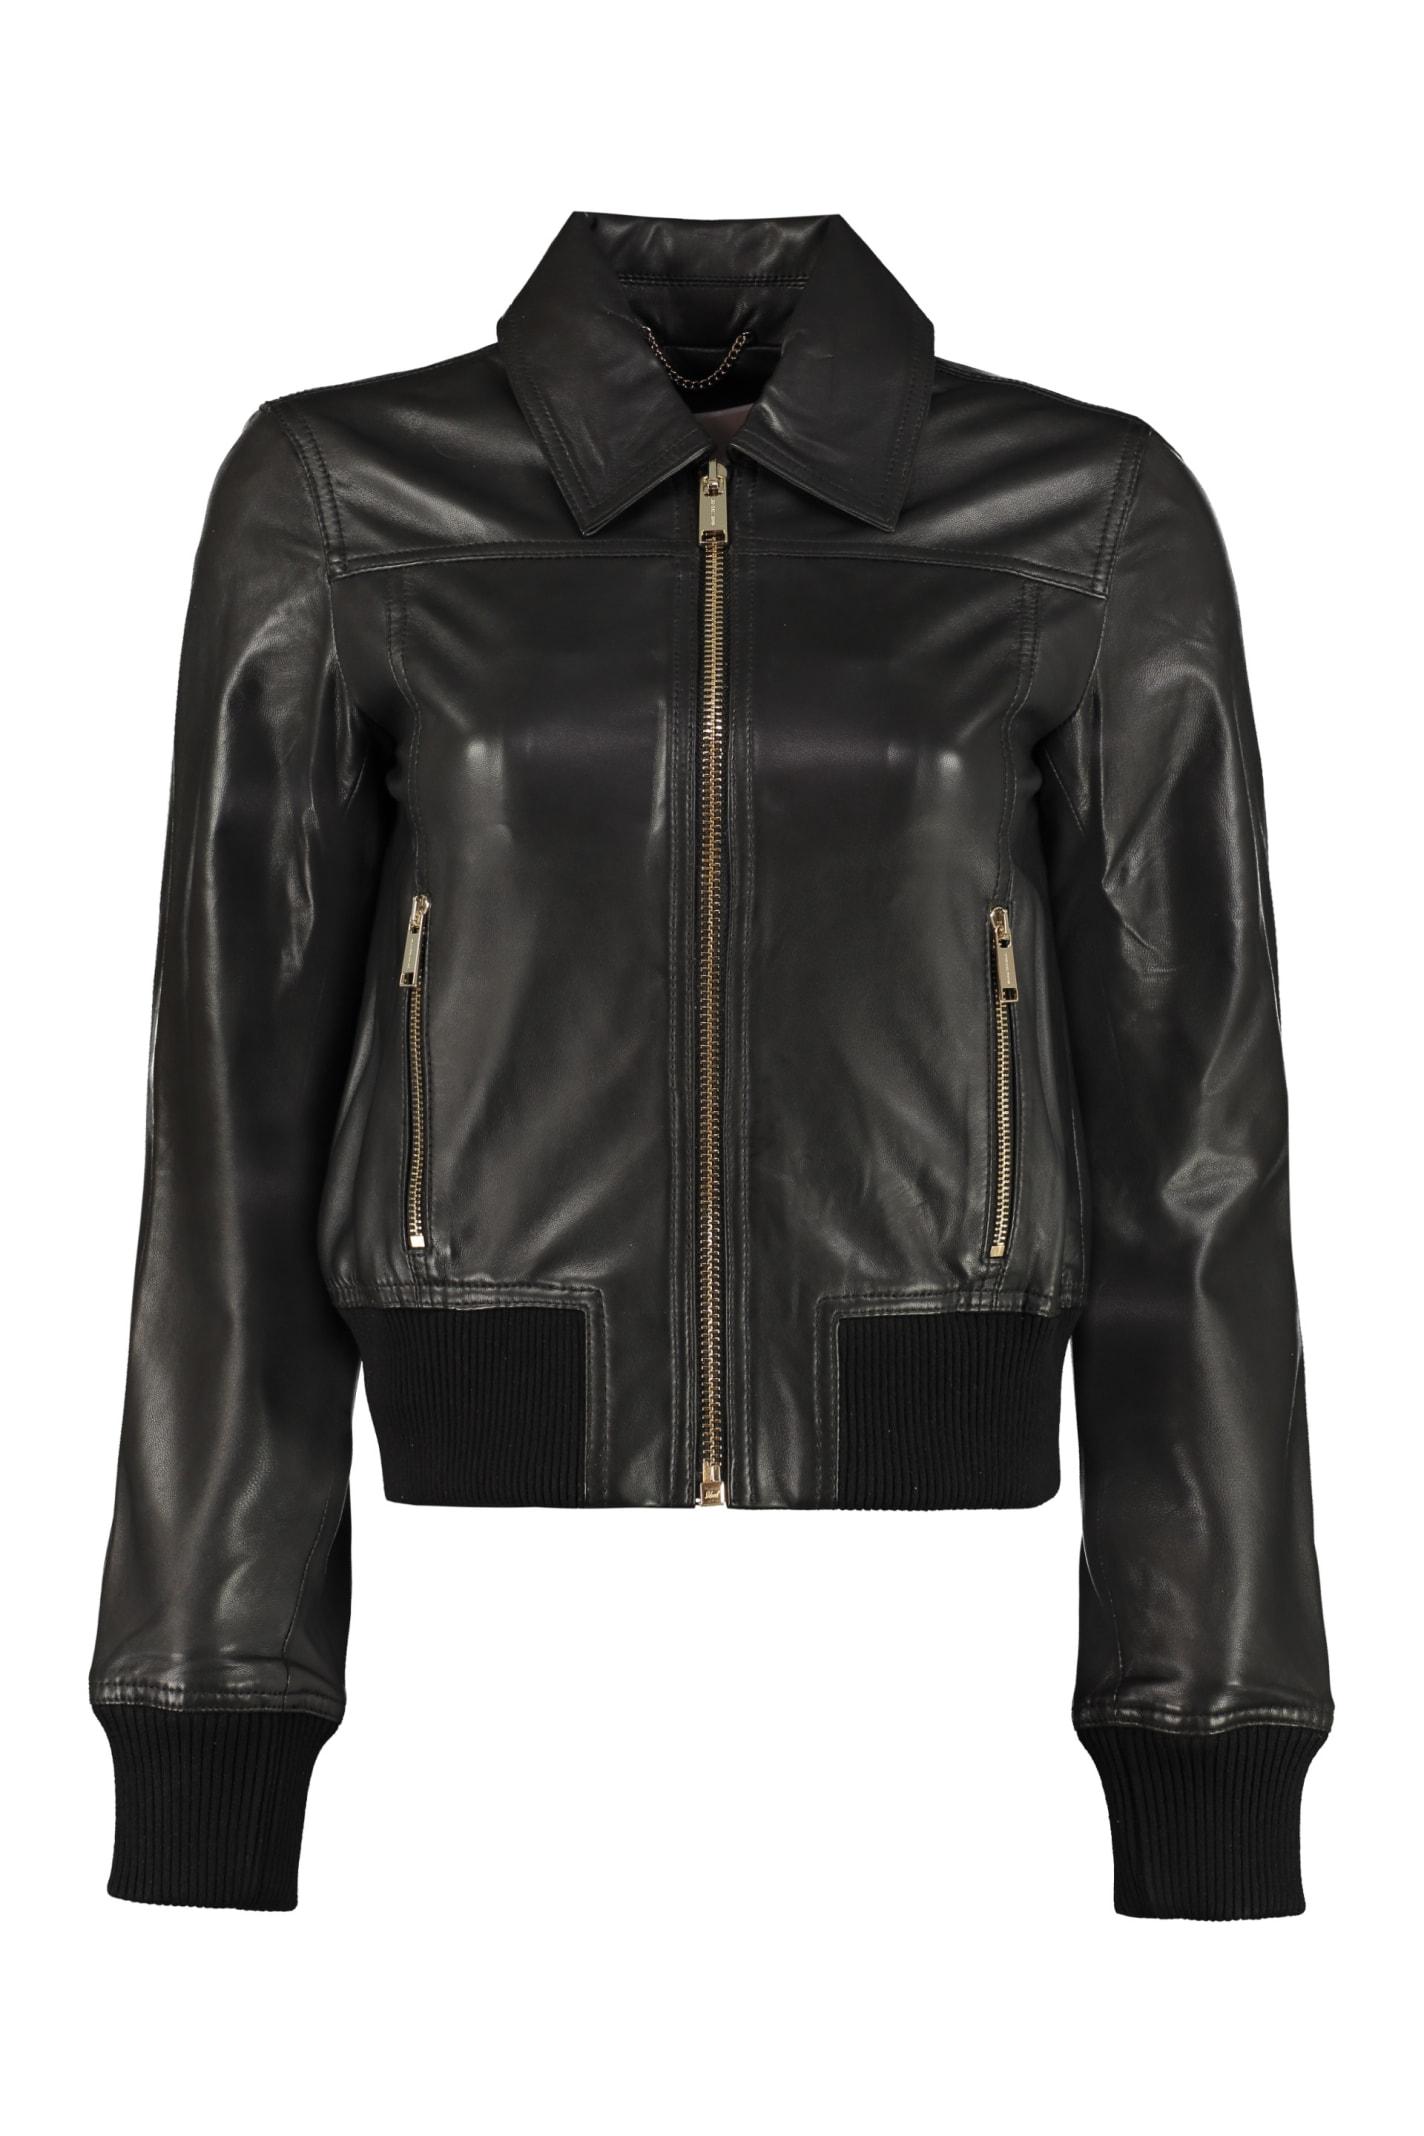 Michael Michael Kors Lambskin Jacket In Black